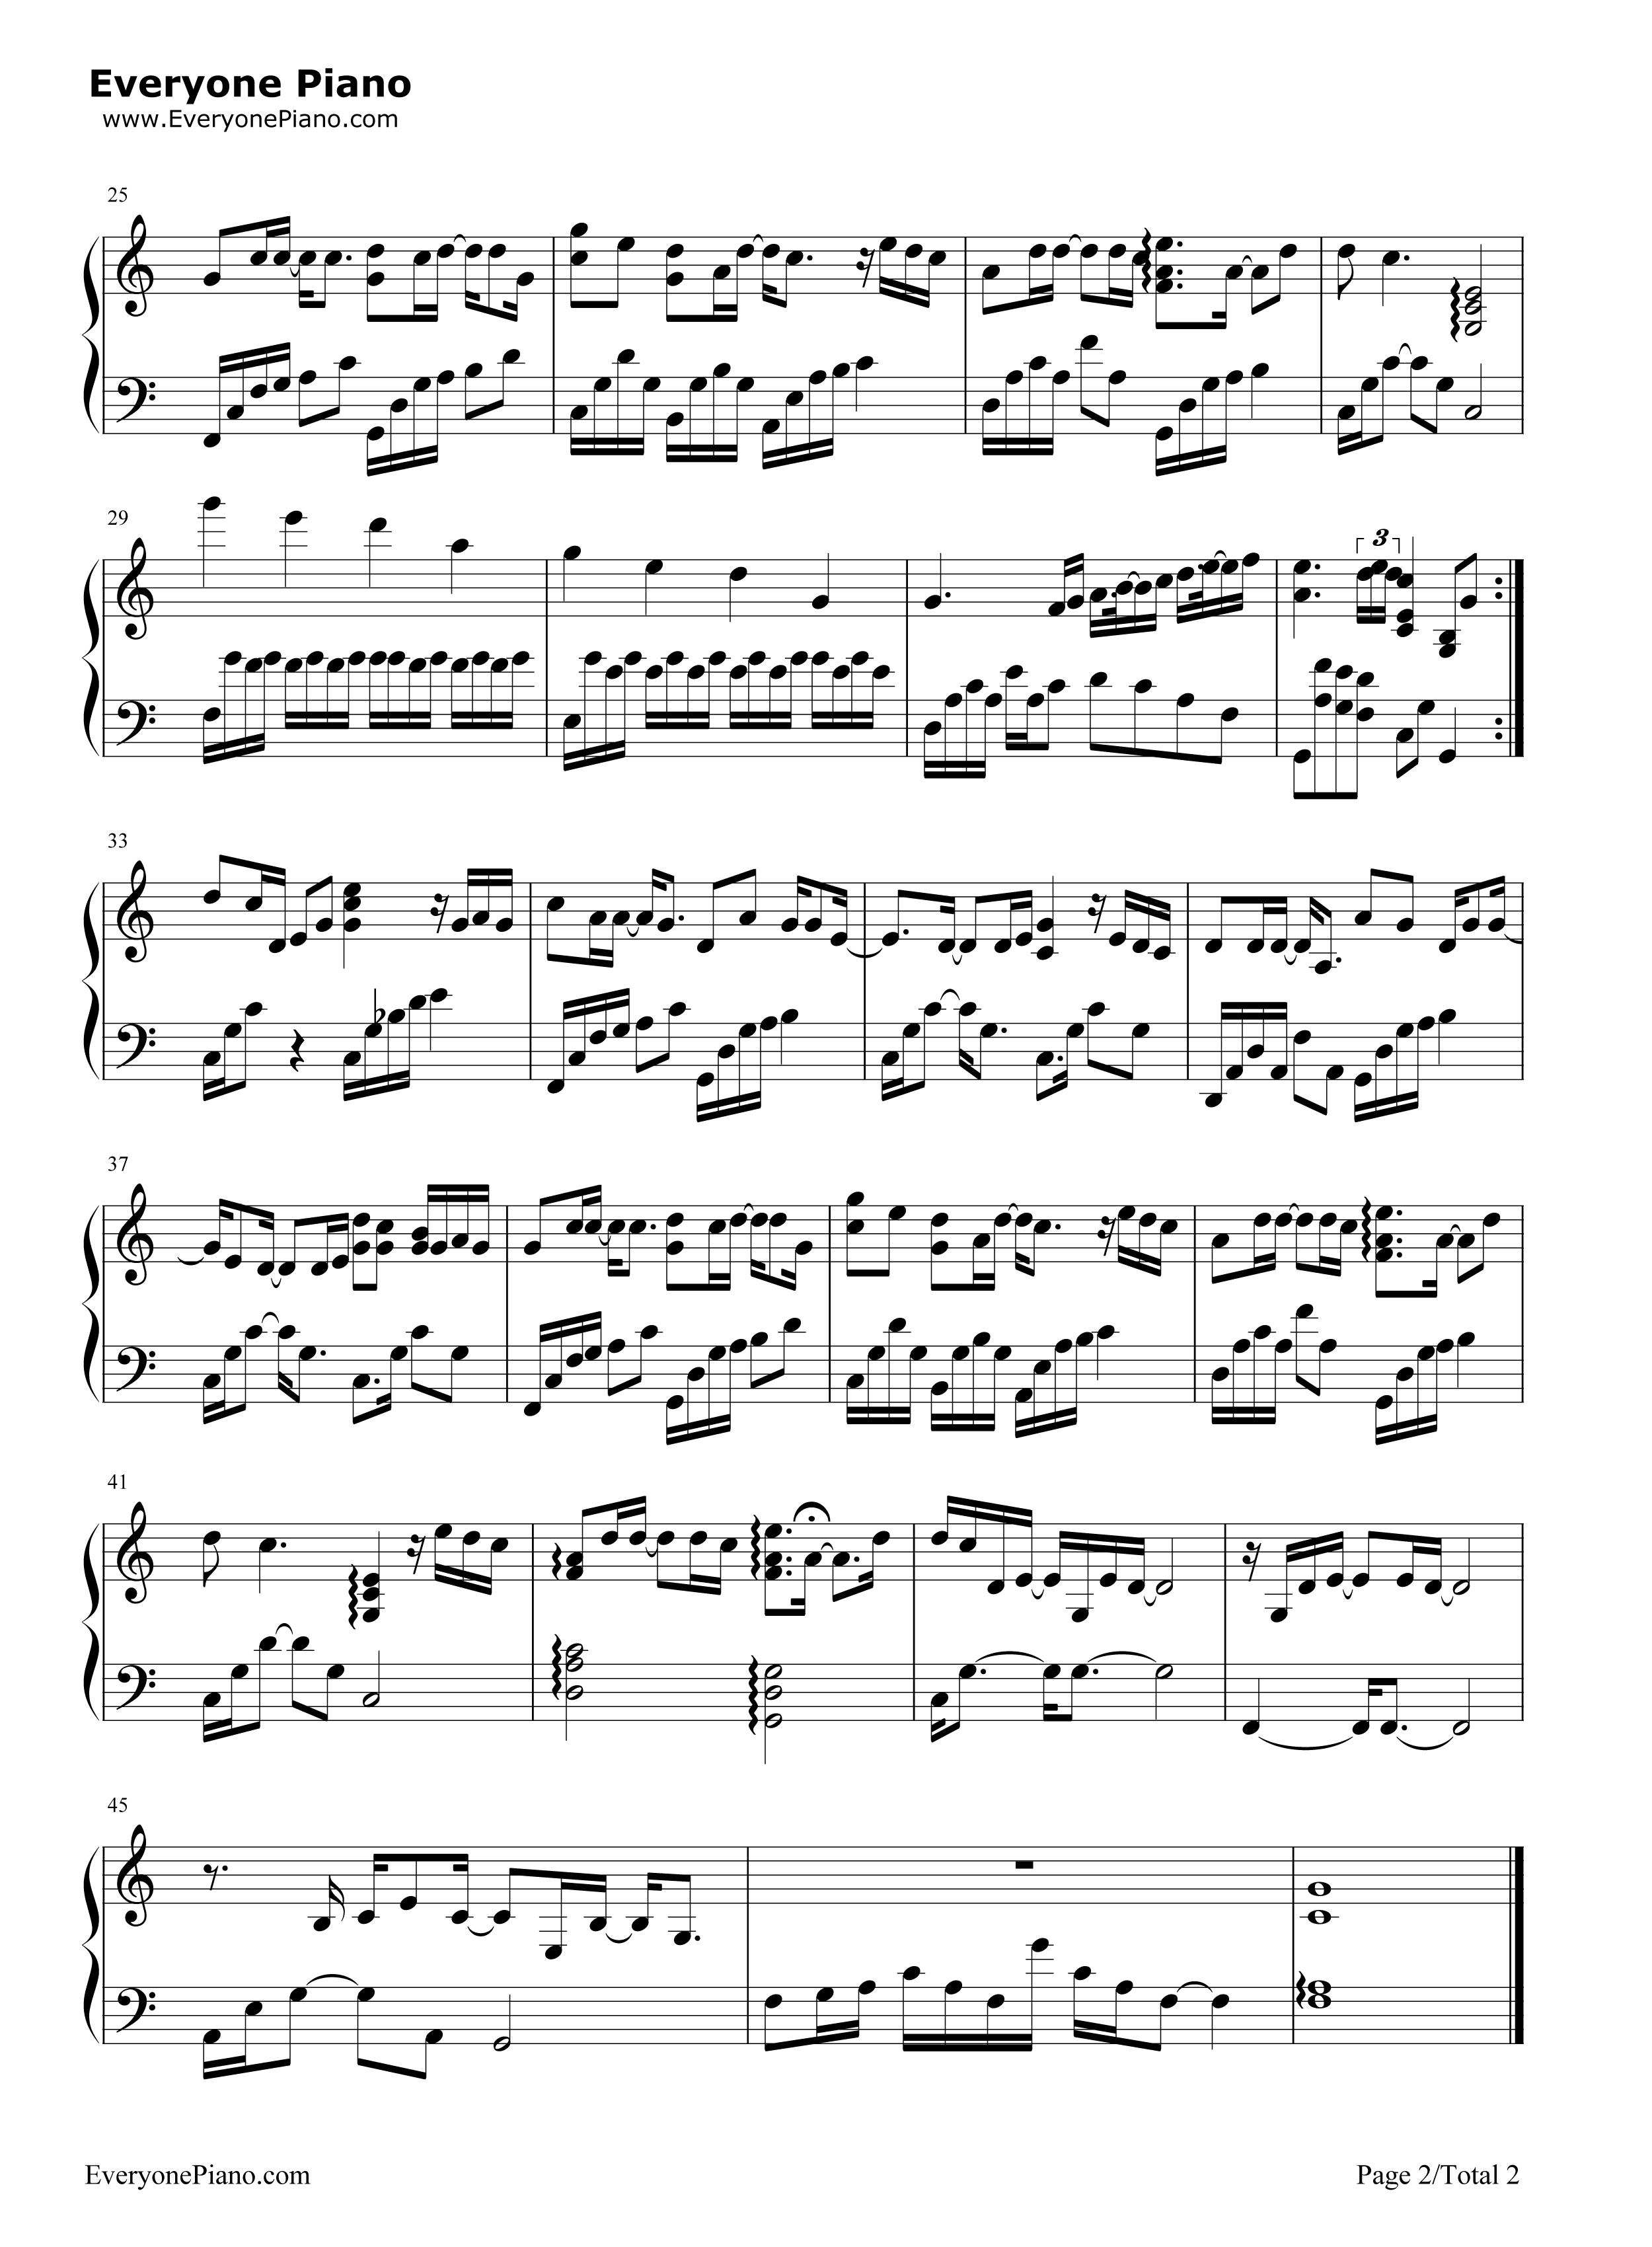 钢琴曲谱 流行 骄傲-王源 骄傲-王源五线谱预览2  }  仅供学习交流